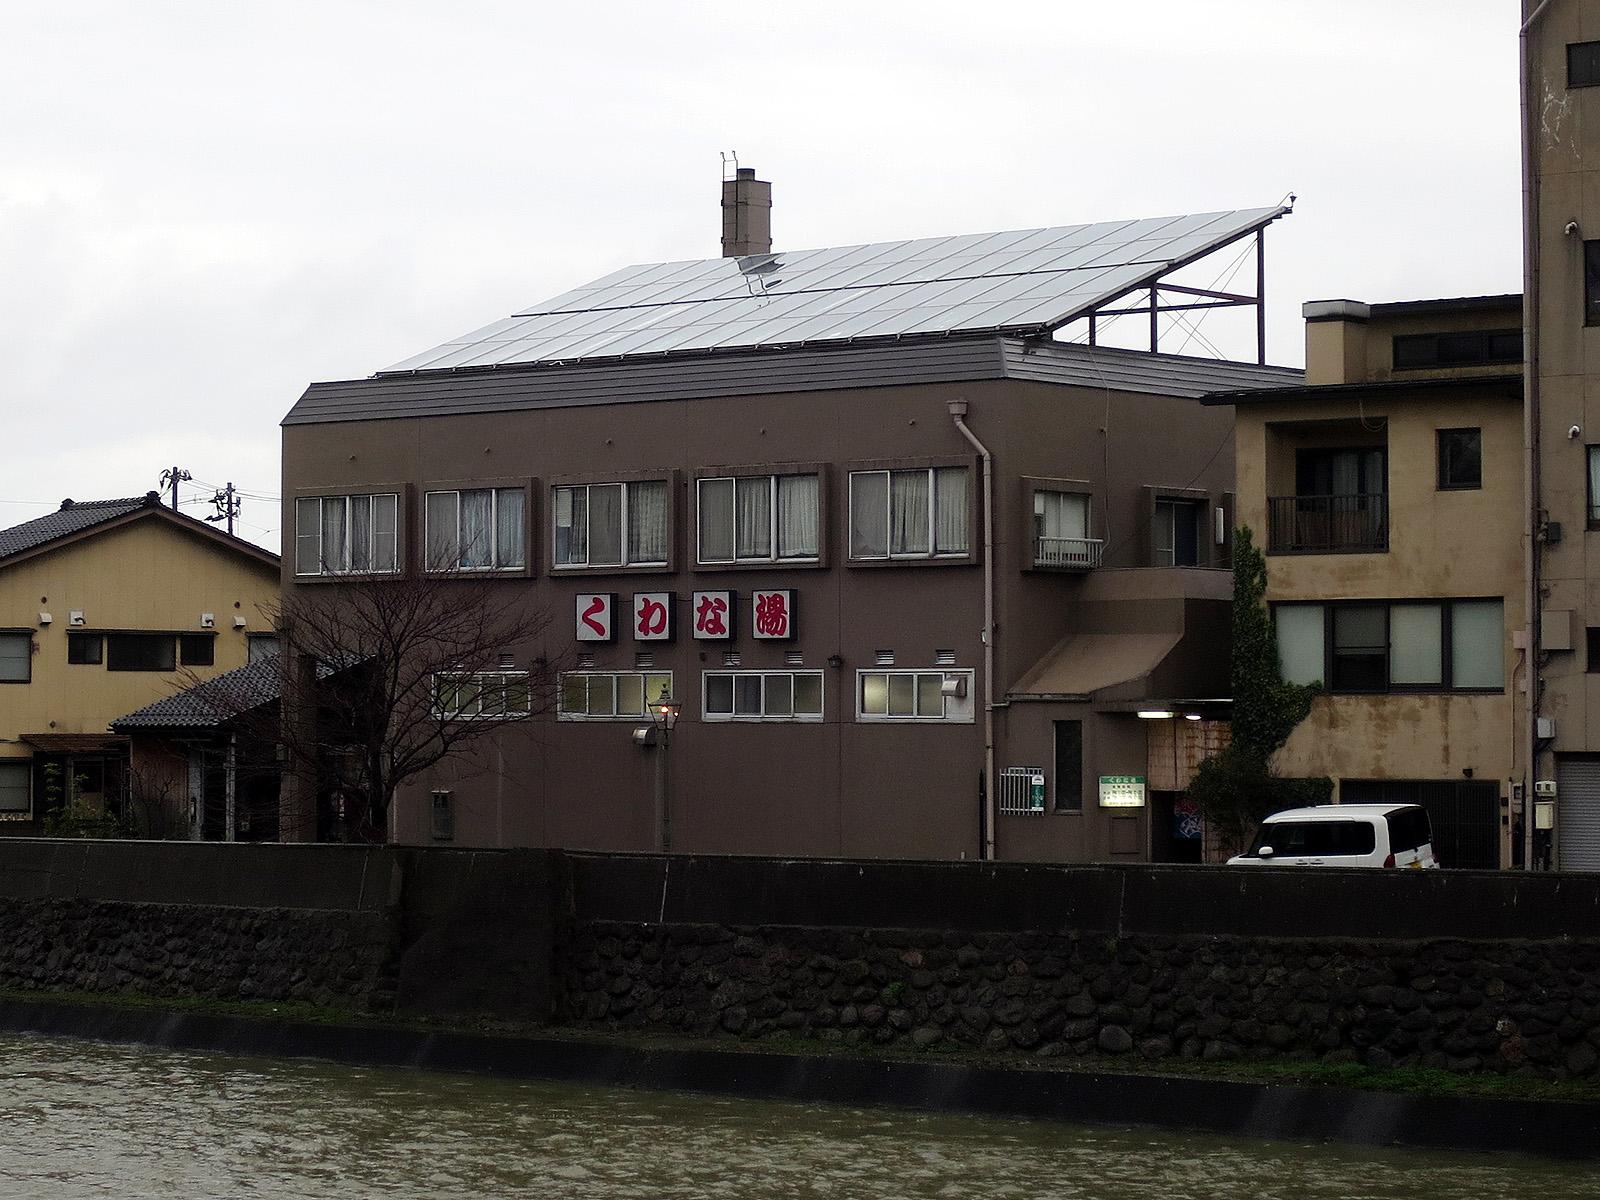 20170223_1 くわな湯 石川県金沢市東山3-1-5(2017_0223_163612)